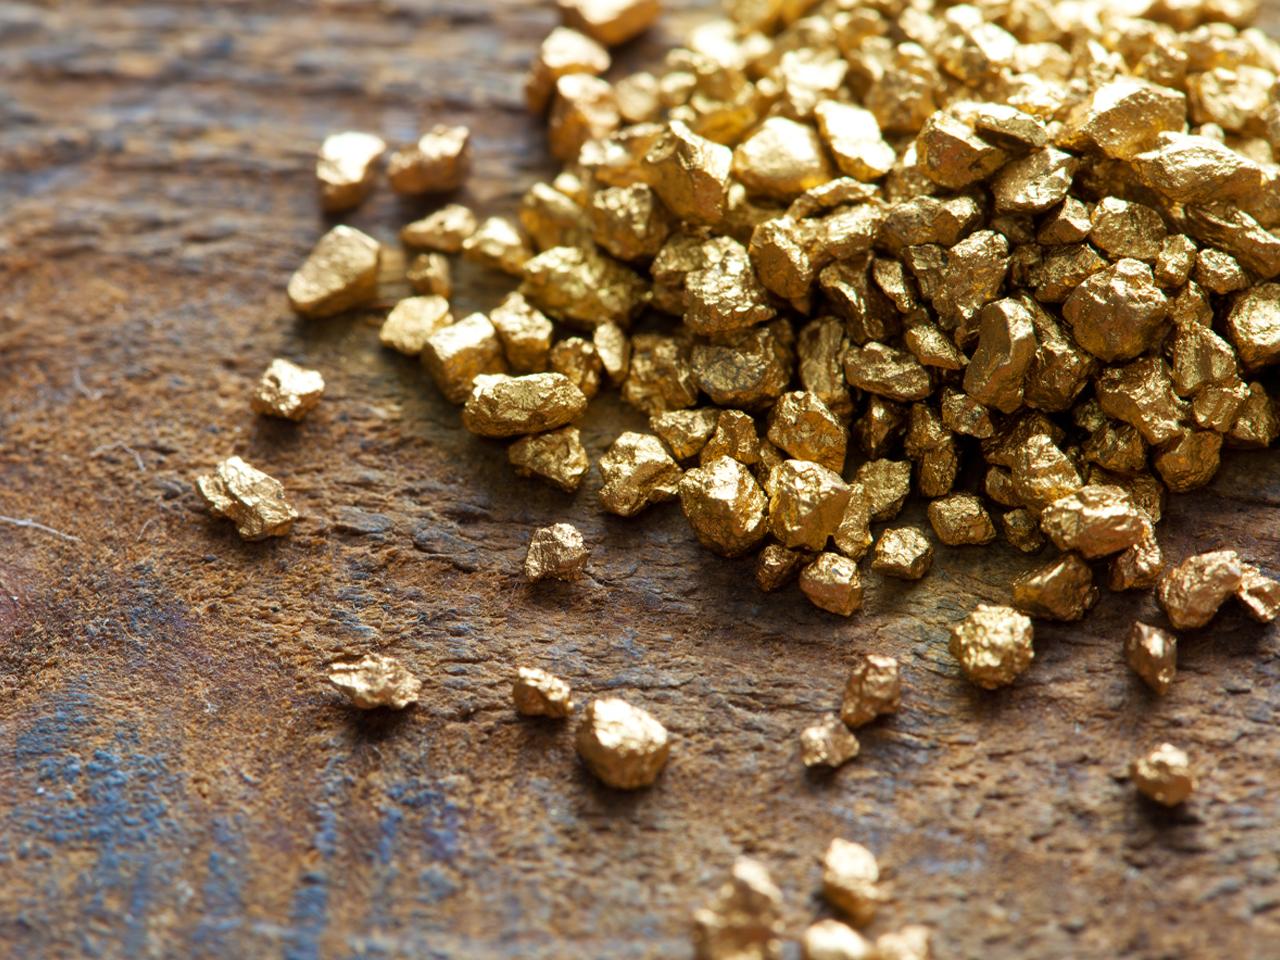 Комплекс Мурунтау занял первое место по золотодобыче в 2020 году – Kitco